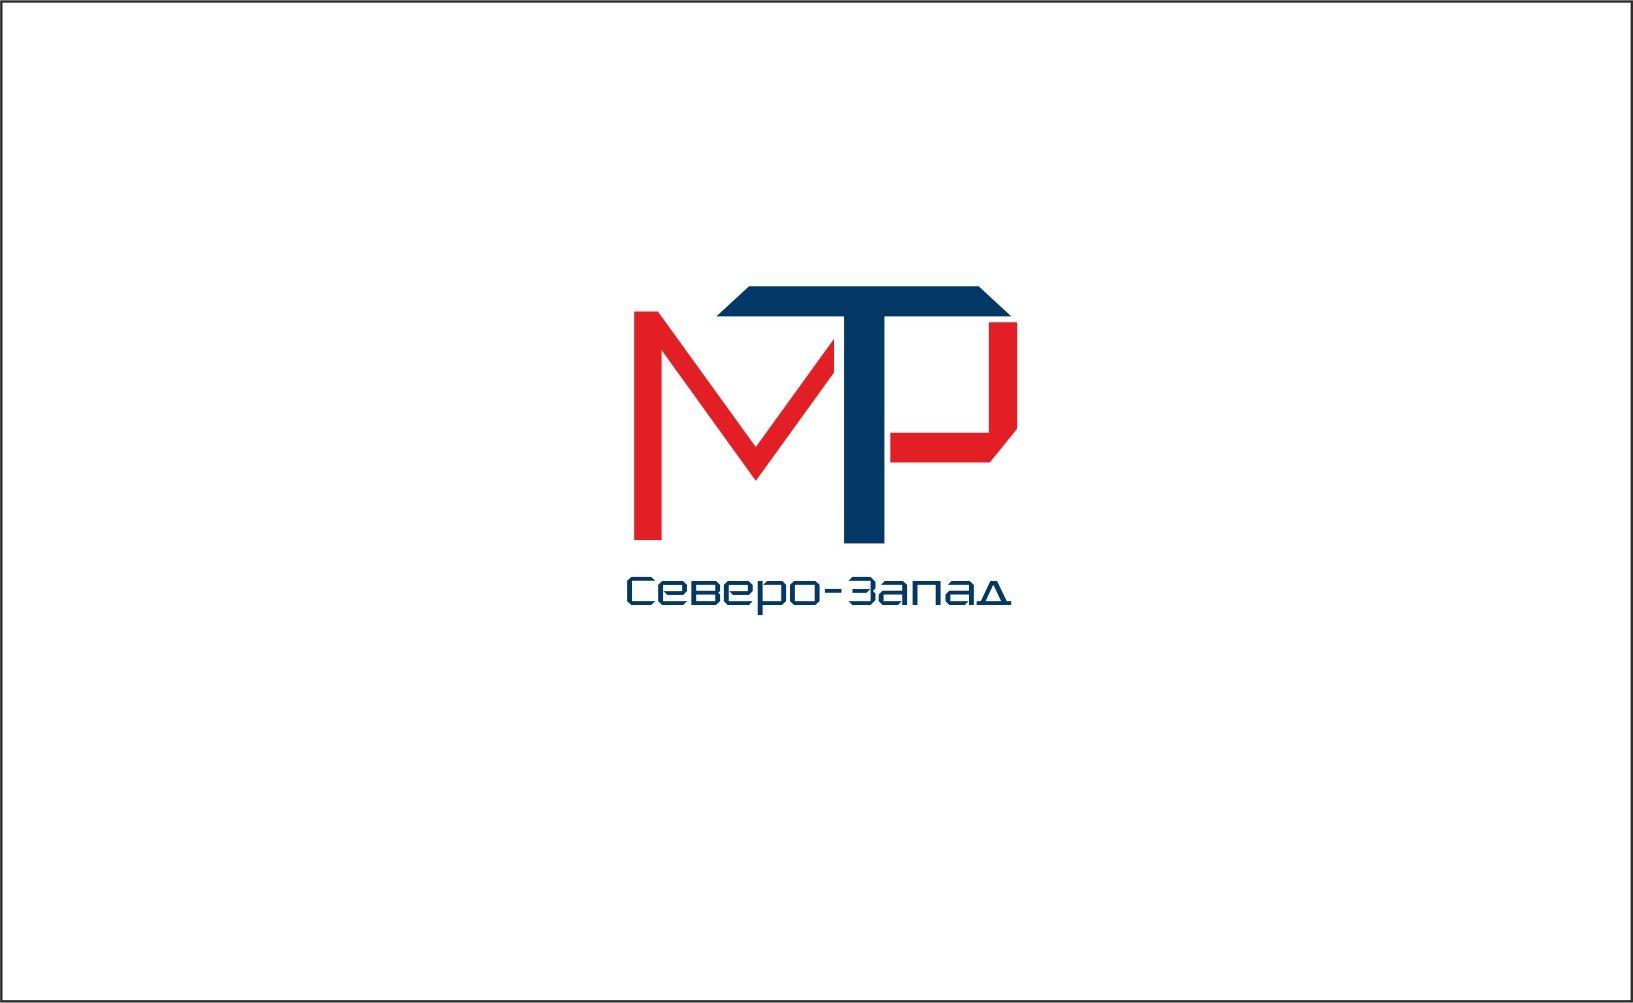 Редизайн лого (производство и продажа мототехники) - дизайнер oksana123456